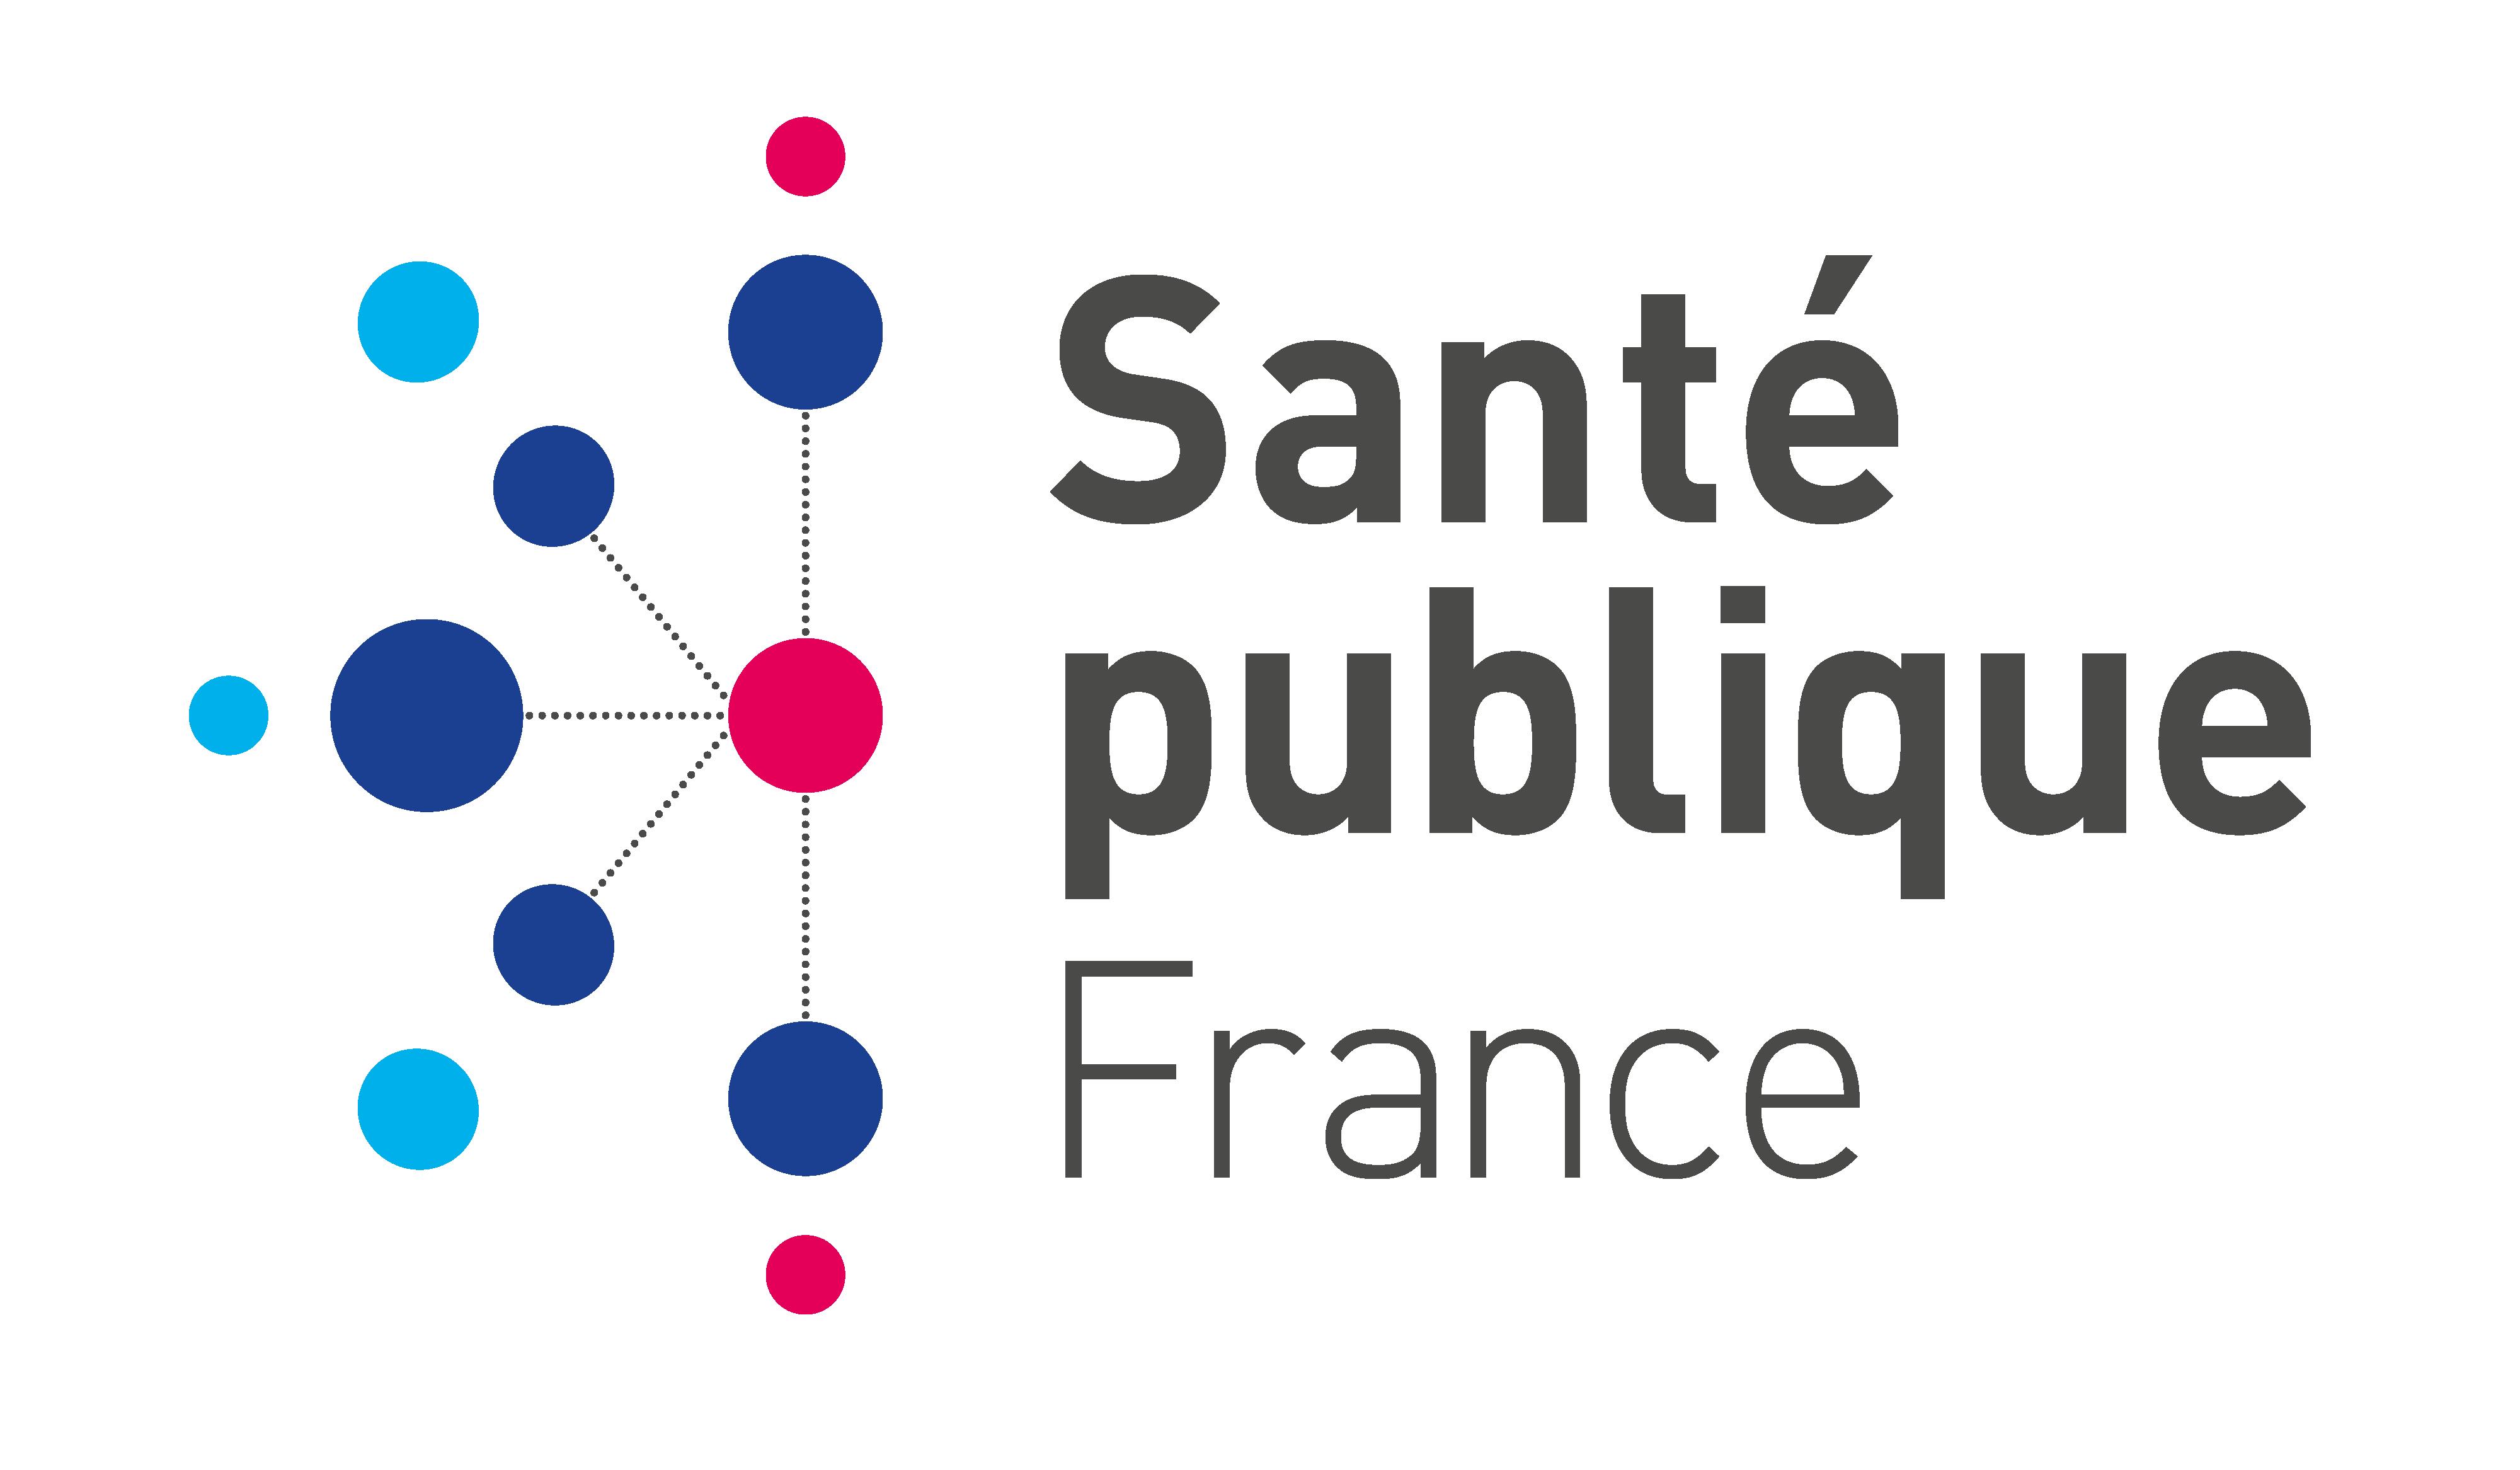 Logo Sante publique france - Liens URPS et partenaires